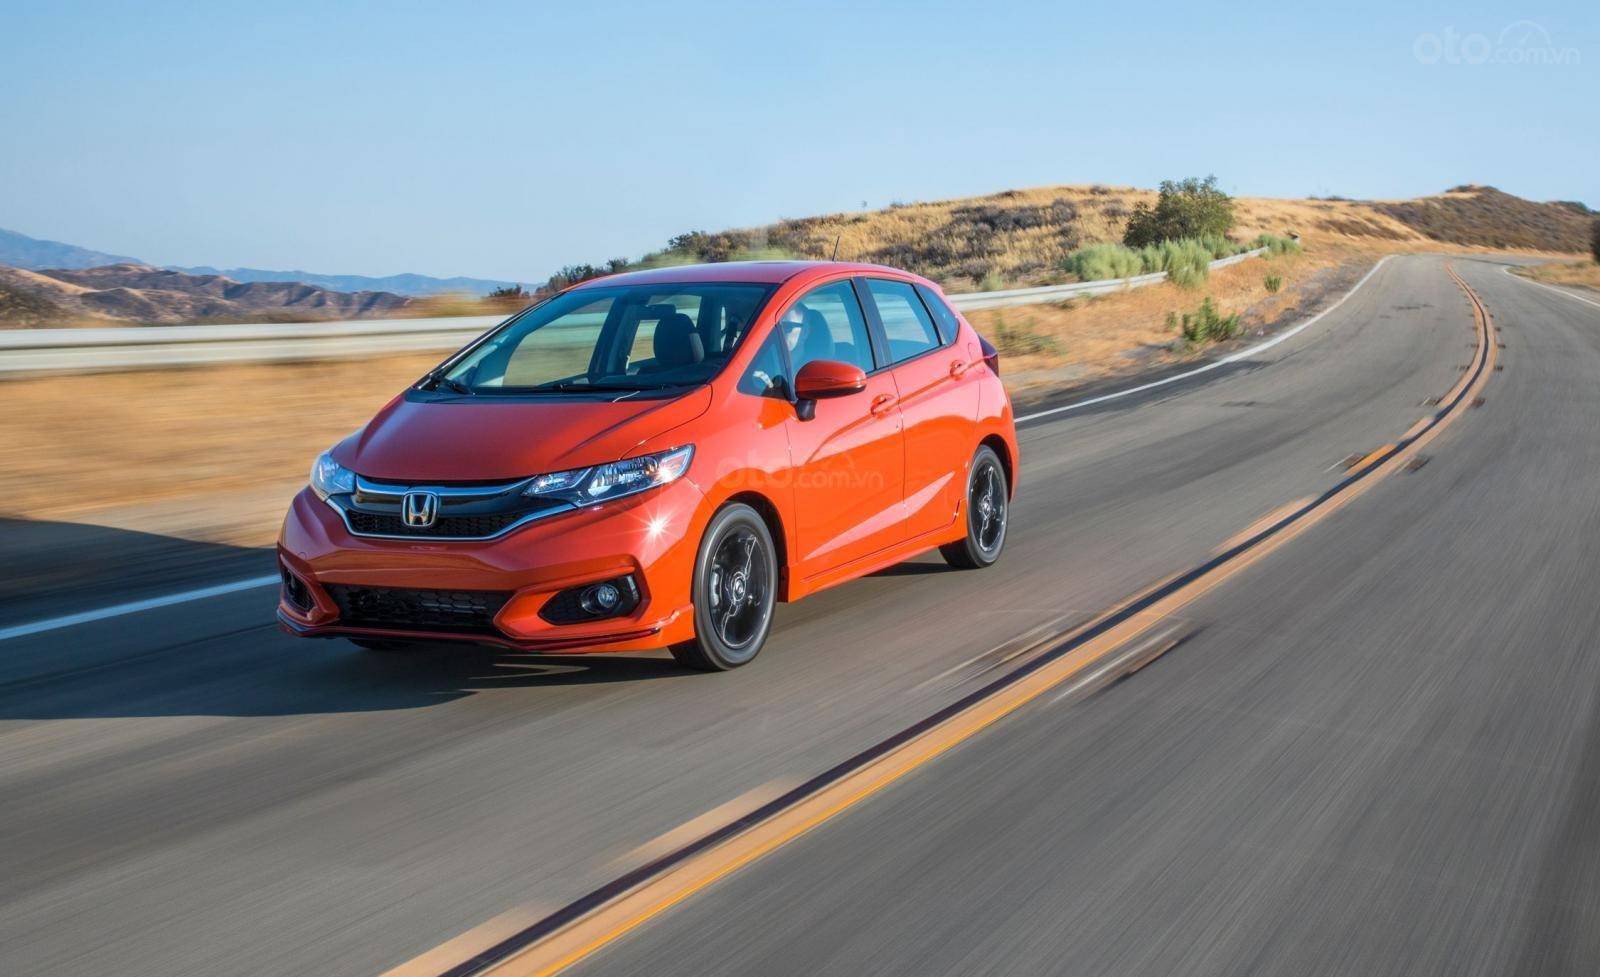 Honda Jazz Crosstar – Xế hộp off-road giá rẻ sẽ thành hiện thực?